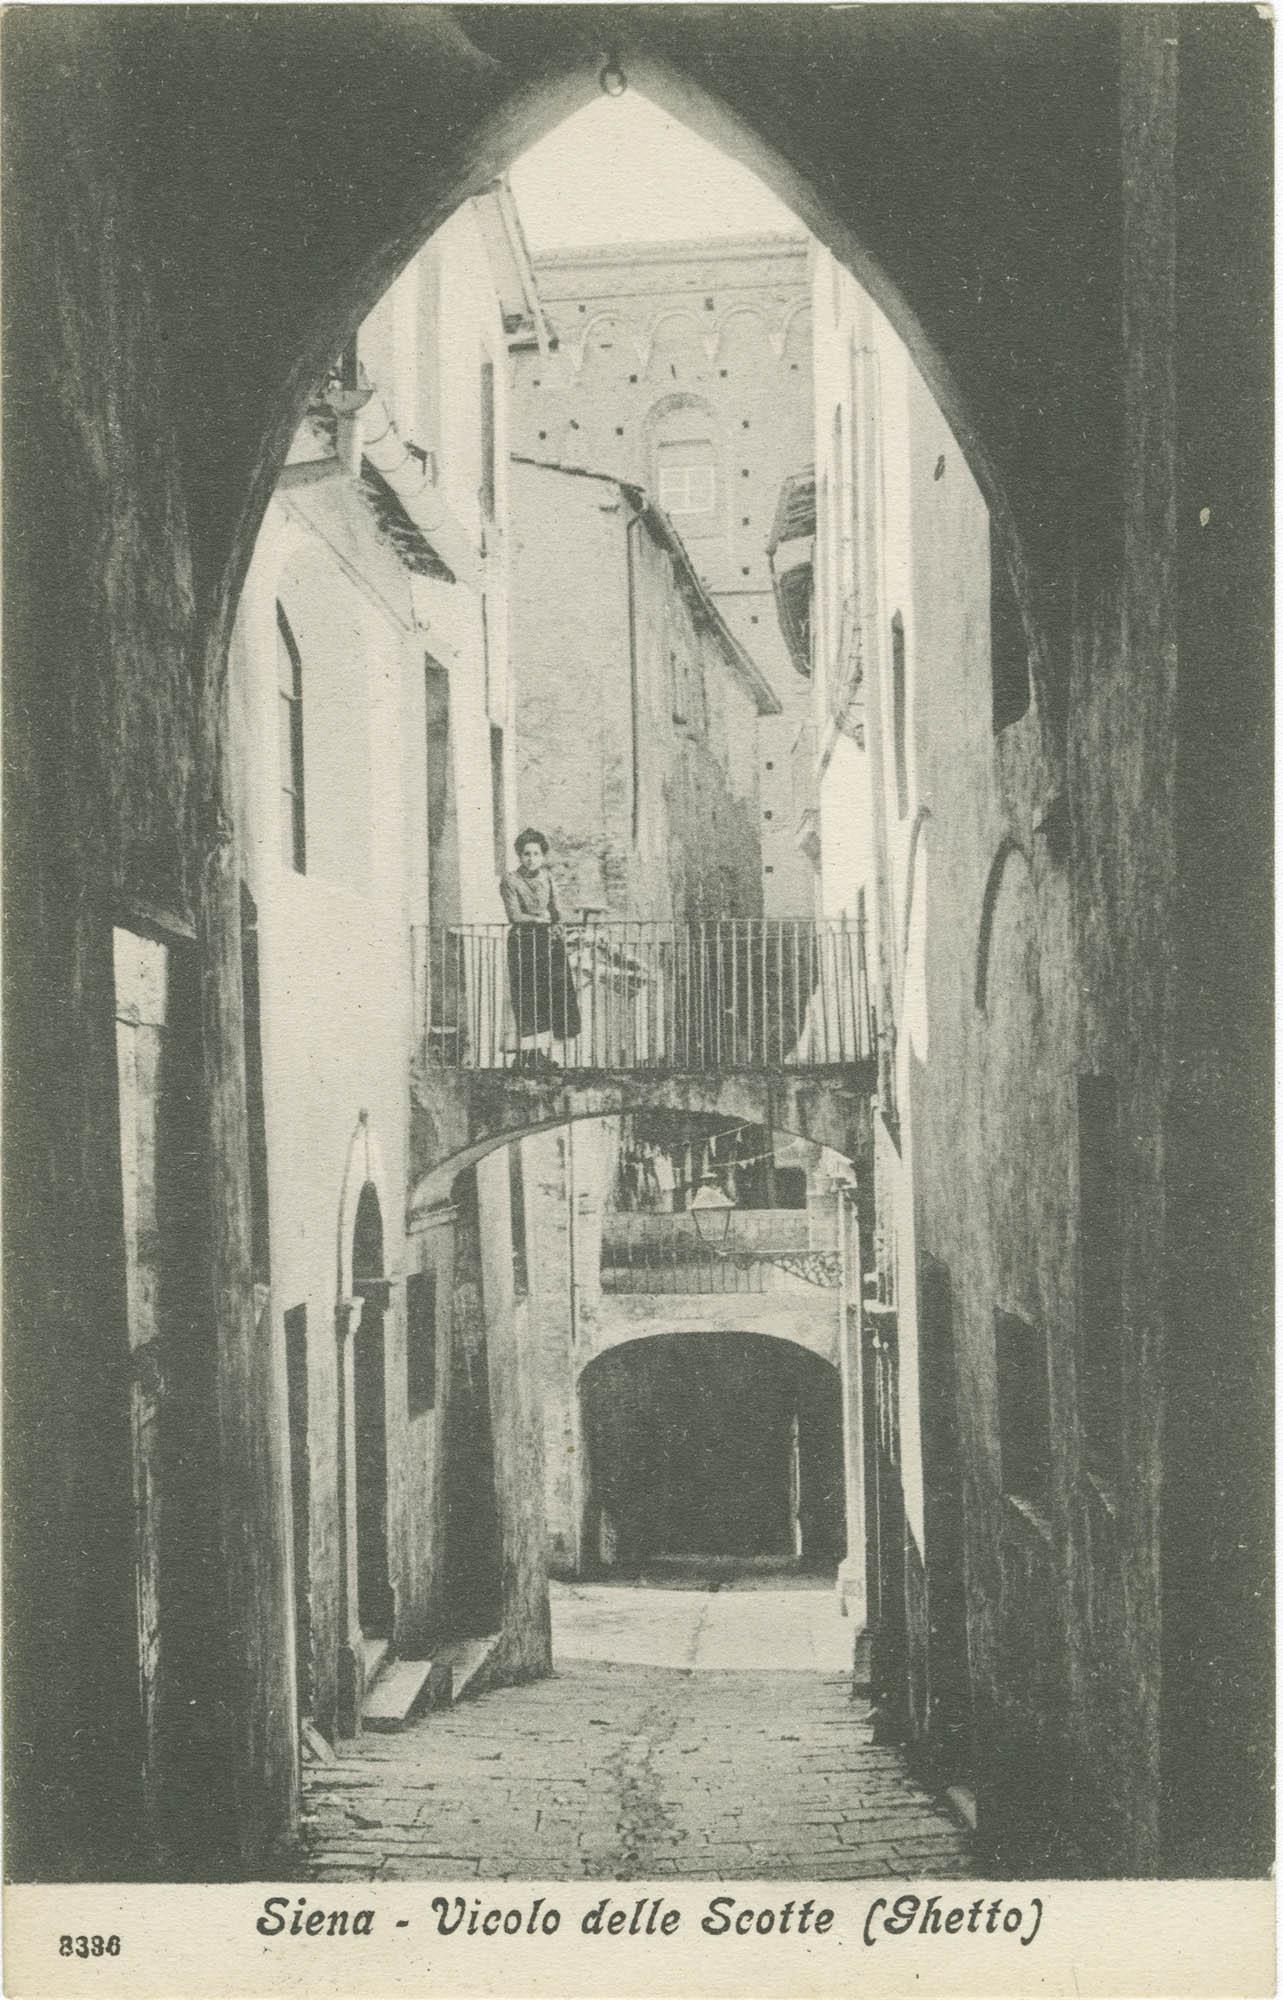 Siena - Vicolo delle Scotte (Ghetto)